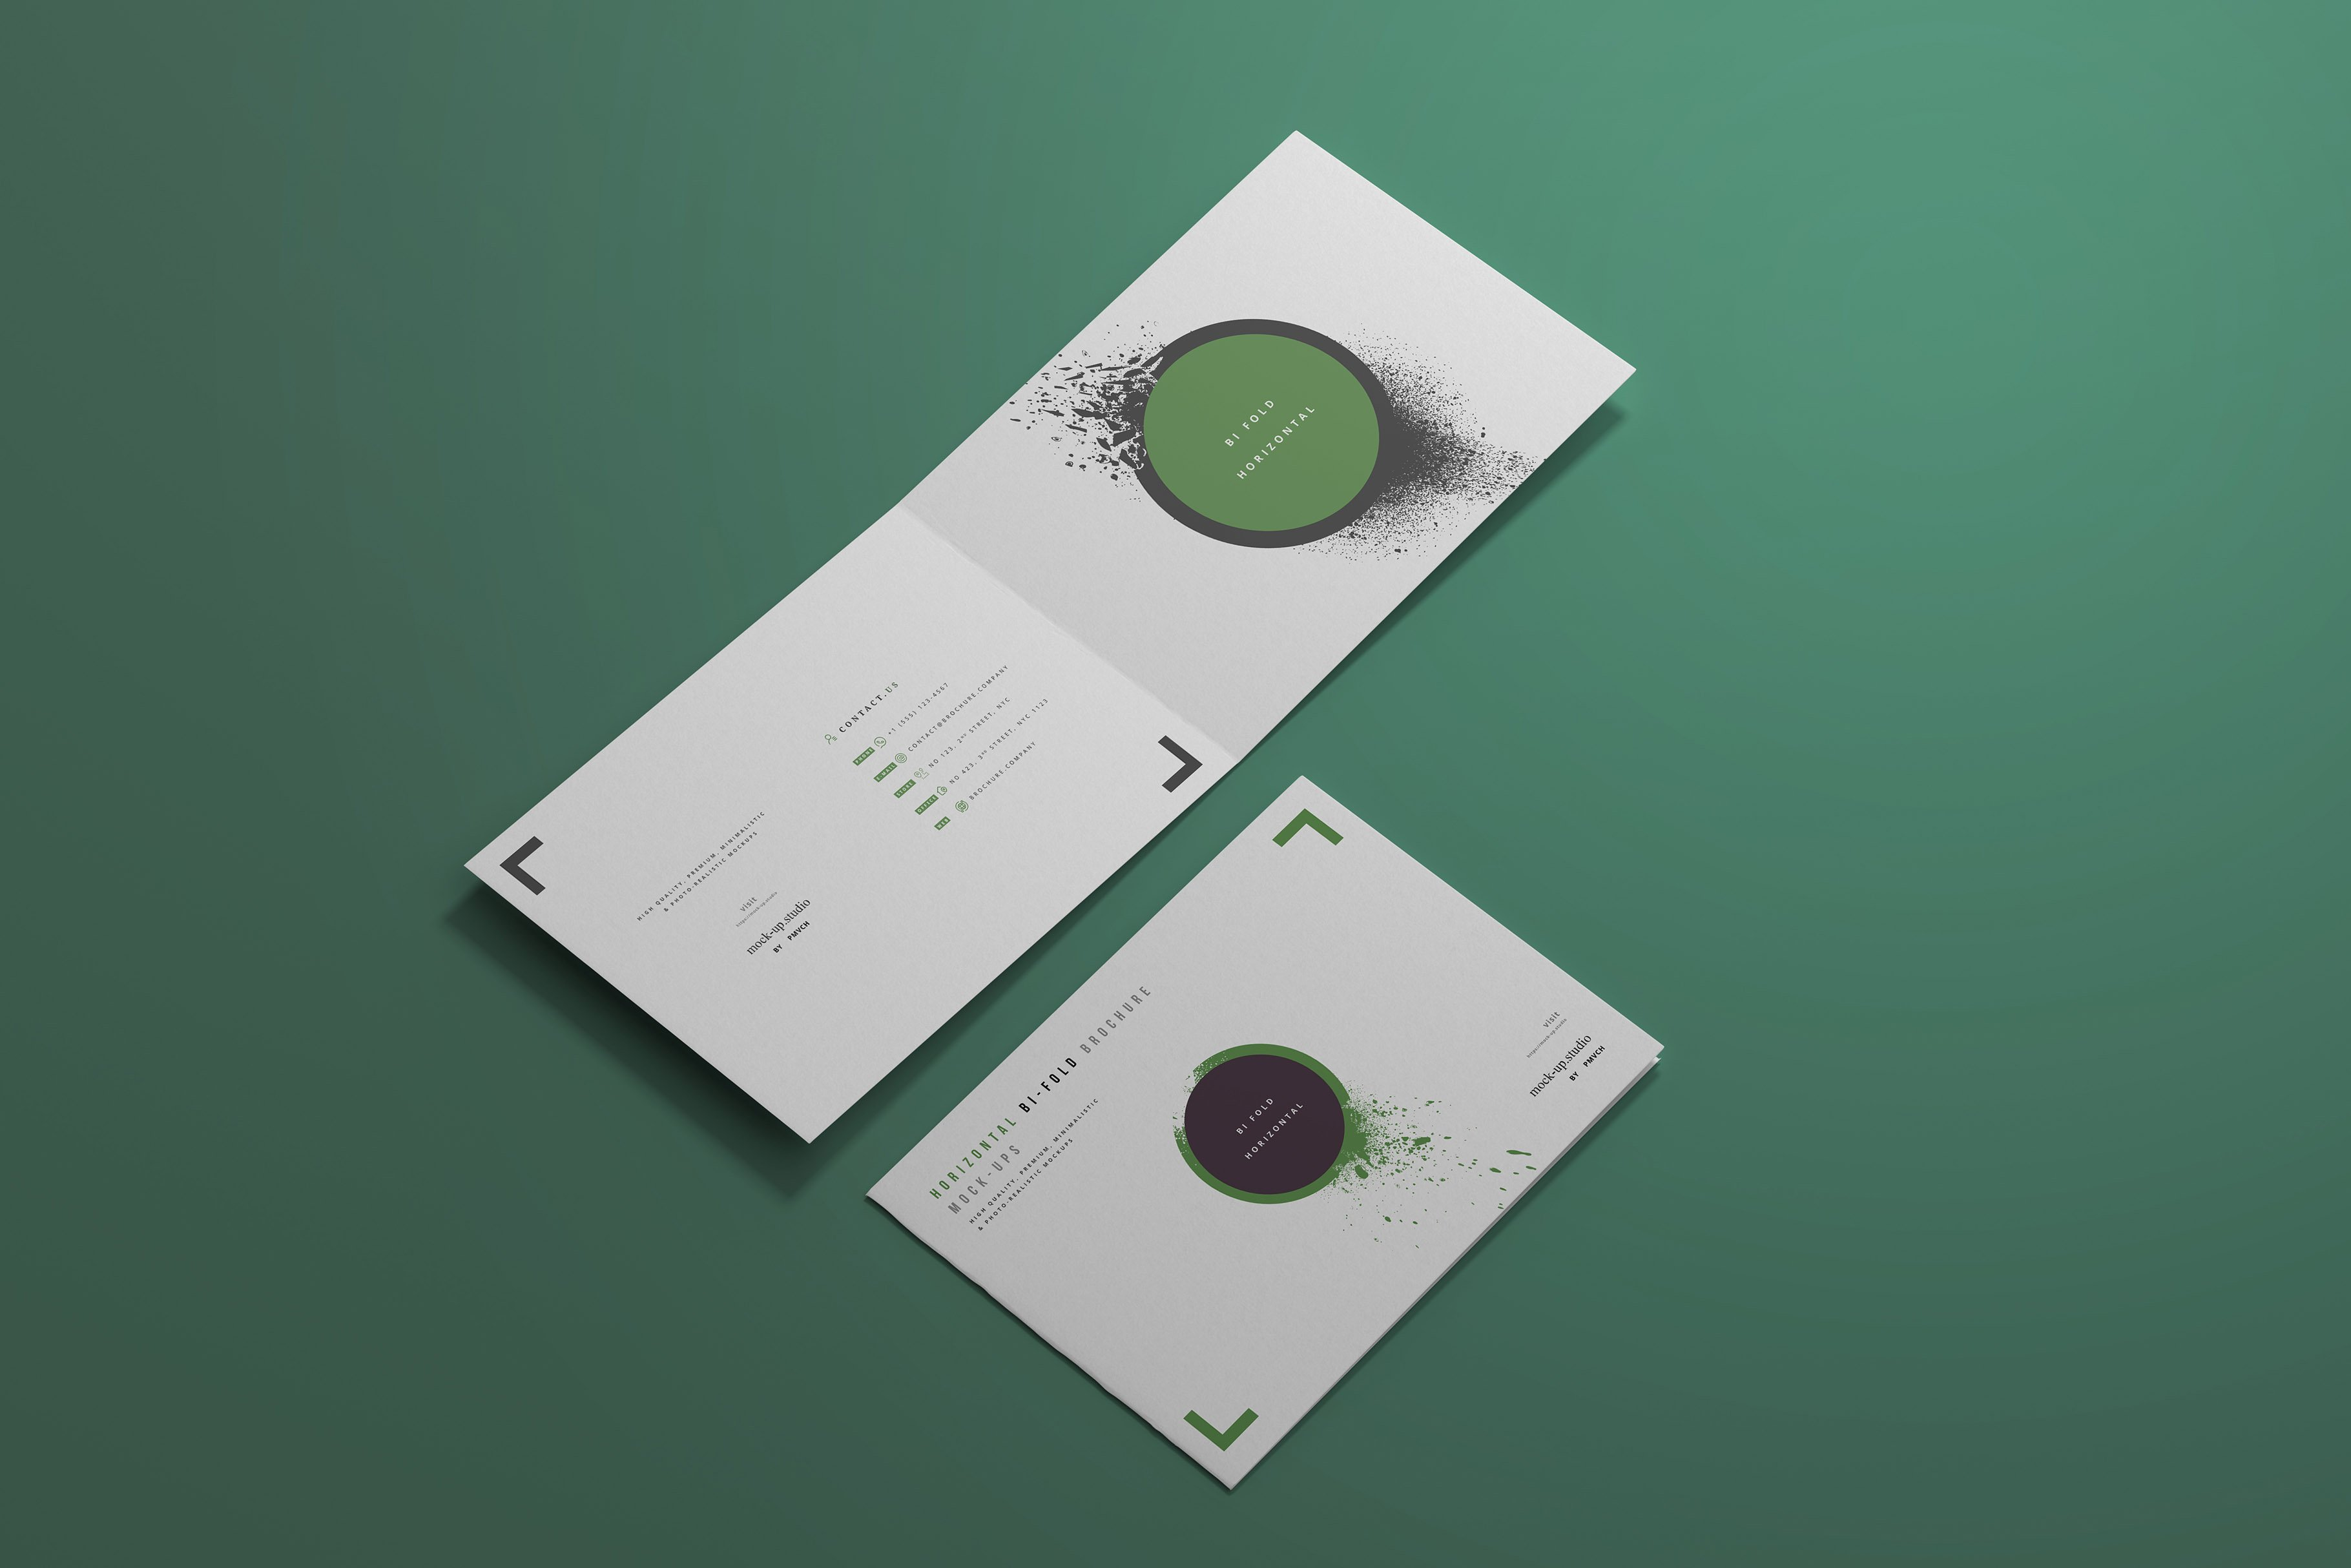 8款A4两折页小册子设计展示贴图样机模板 A4 Bi-Fold Horizontal Mockups插图(2)